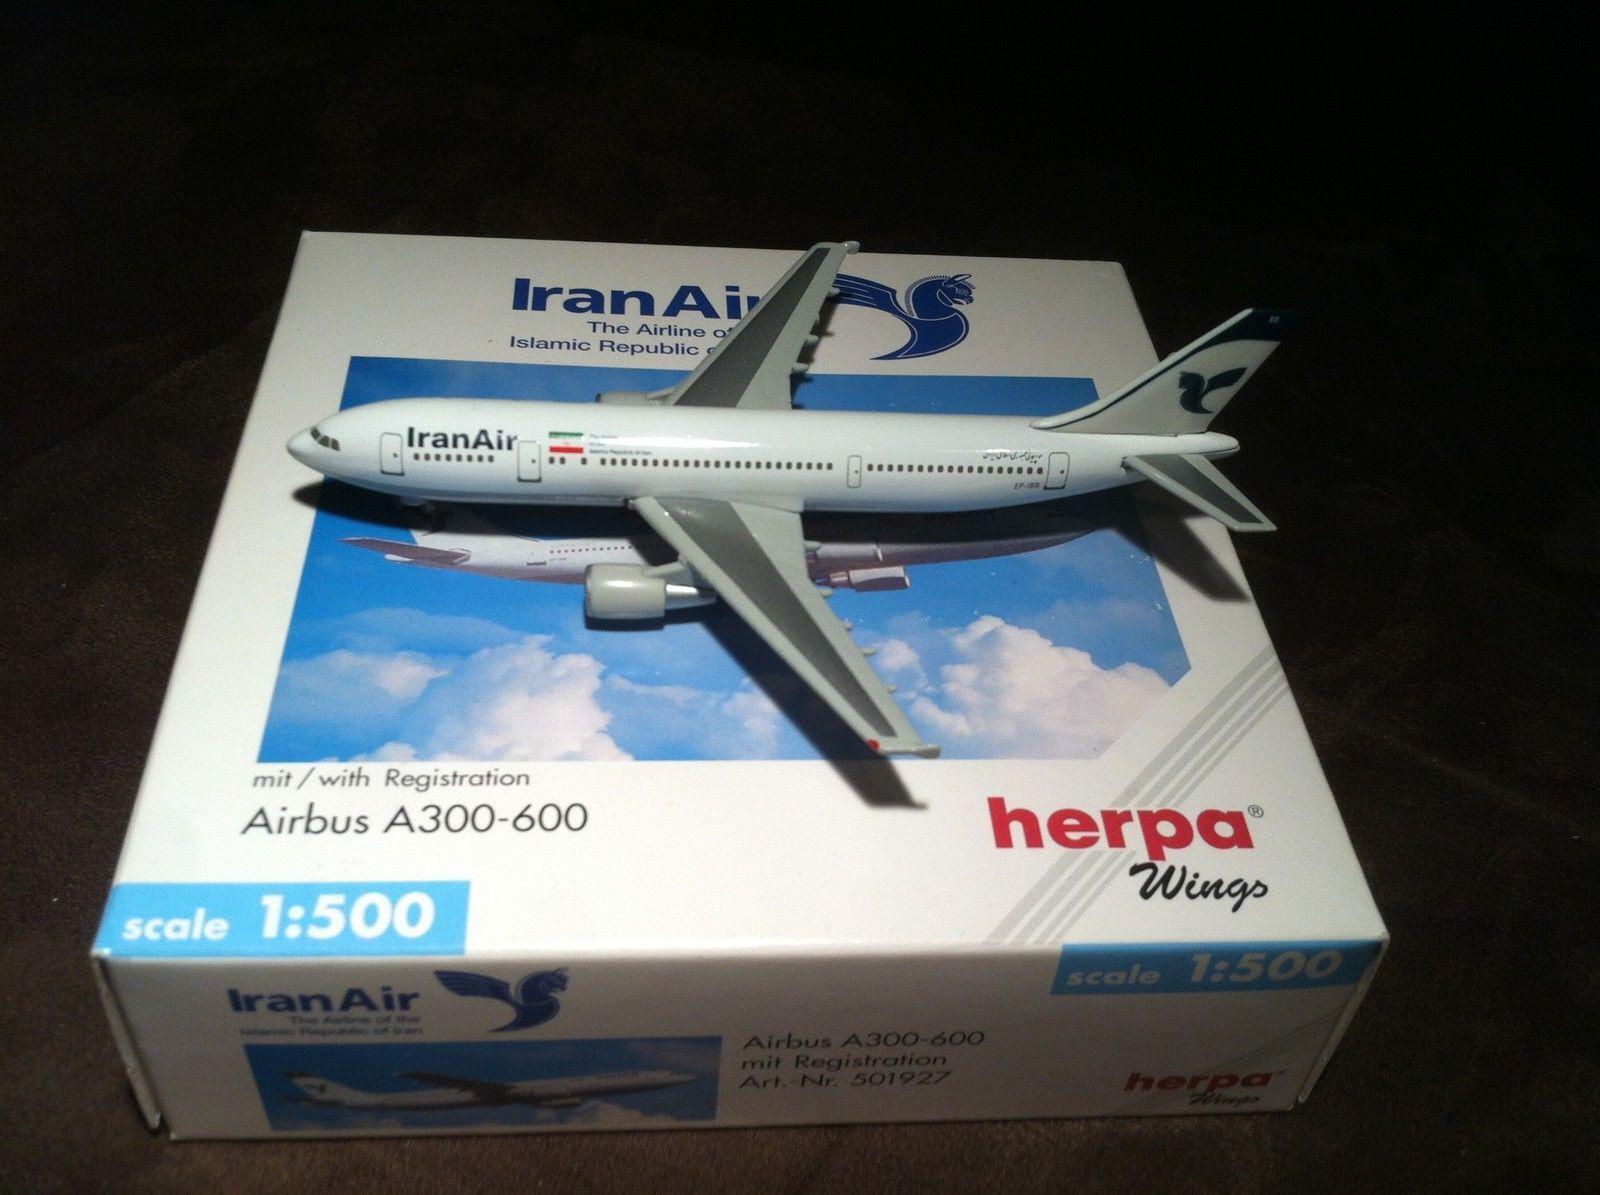 NEW HERPA WINGS WINGS WINGS 501927 IRAN AIR AIRBUS A300-600 W  REG. 1 500 SCALE RARE MIB NIB 714fbc